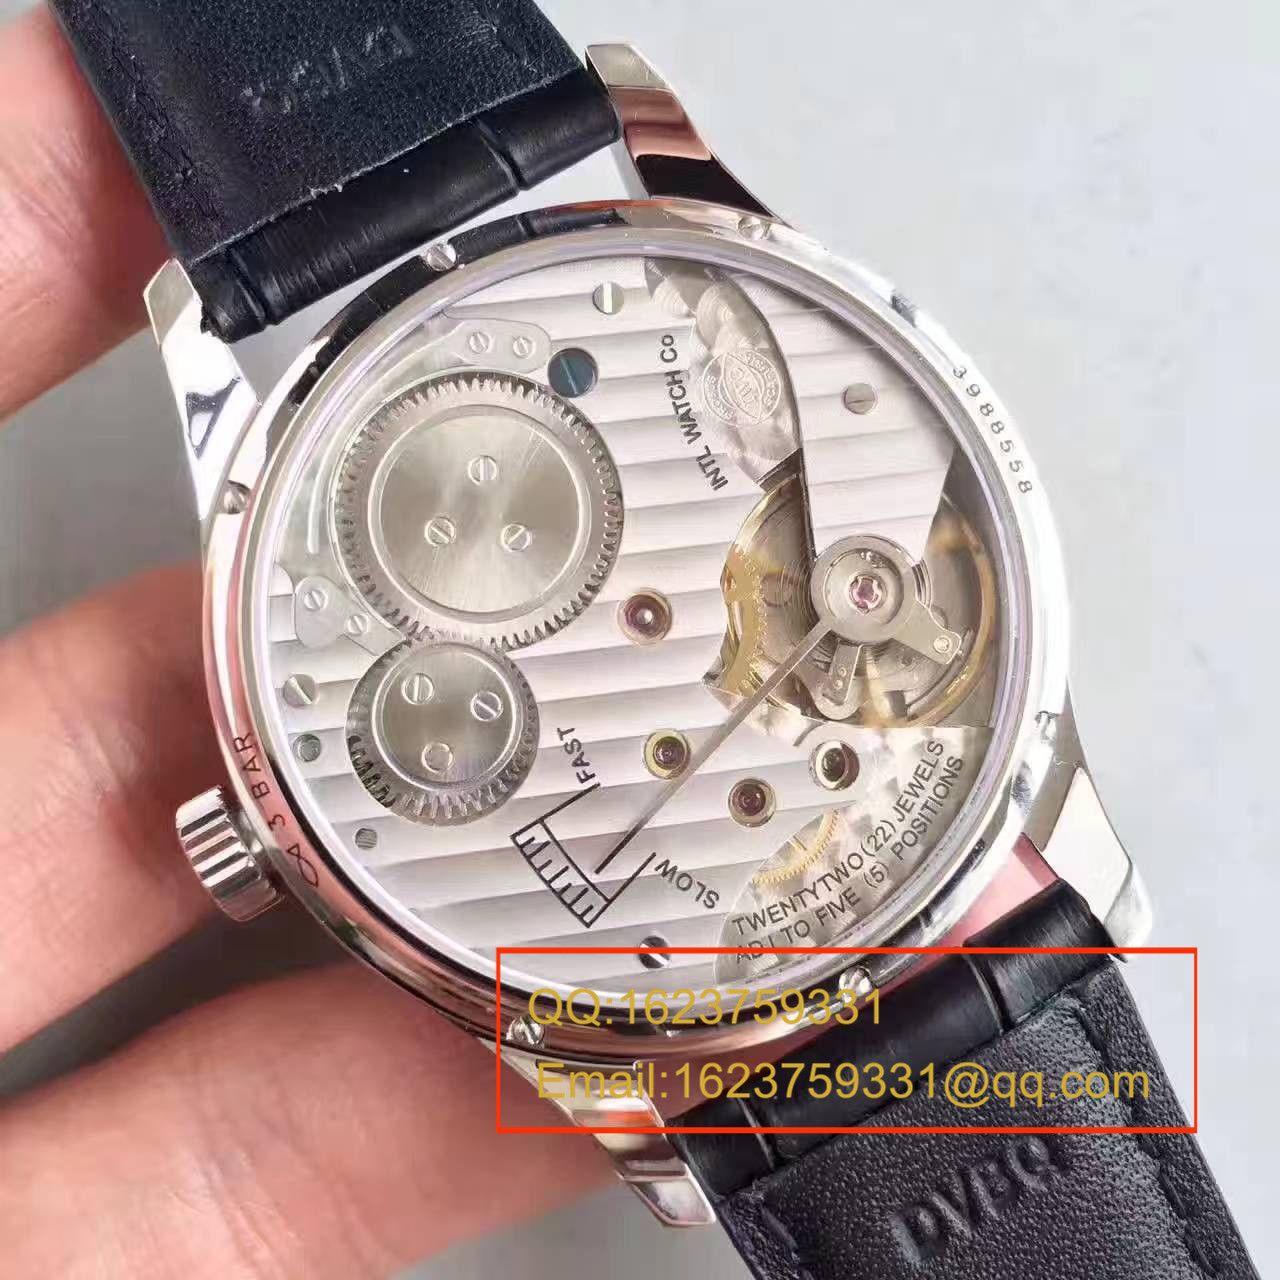 【YL厂一比一超A高仿手表】万国葡萄牙系列琼斯之剑IW544404腕表 / WG093